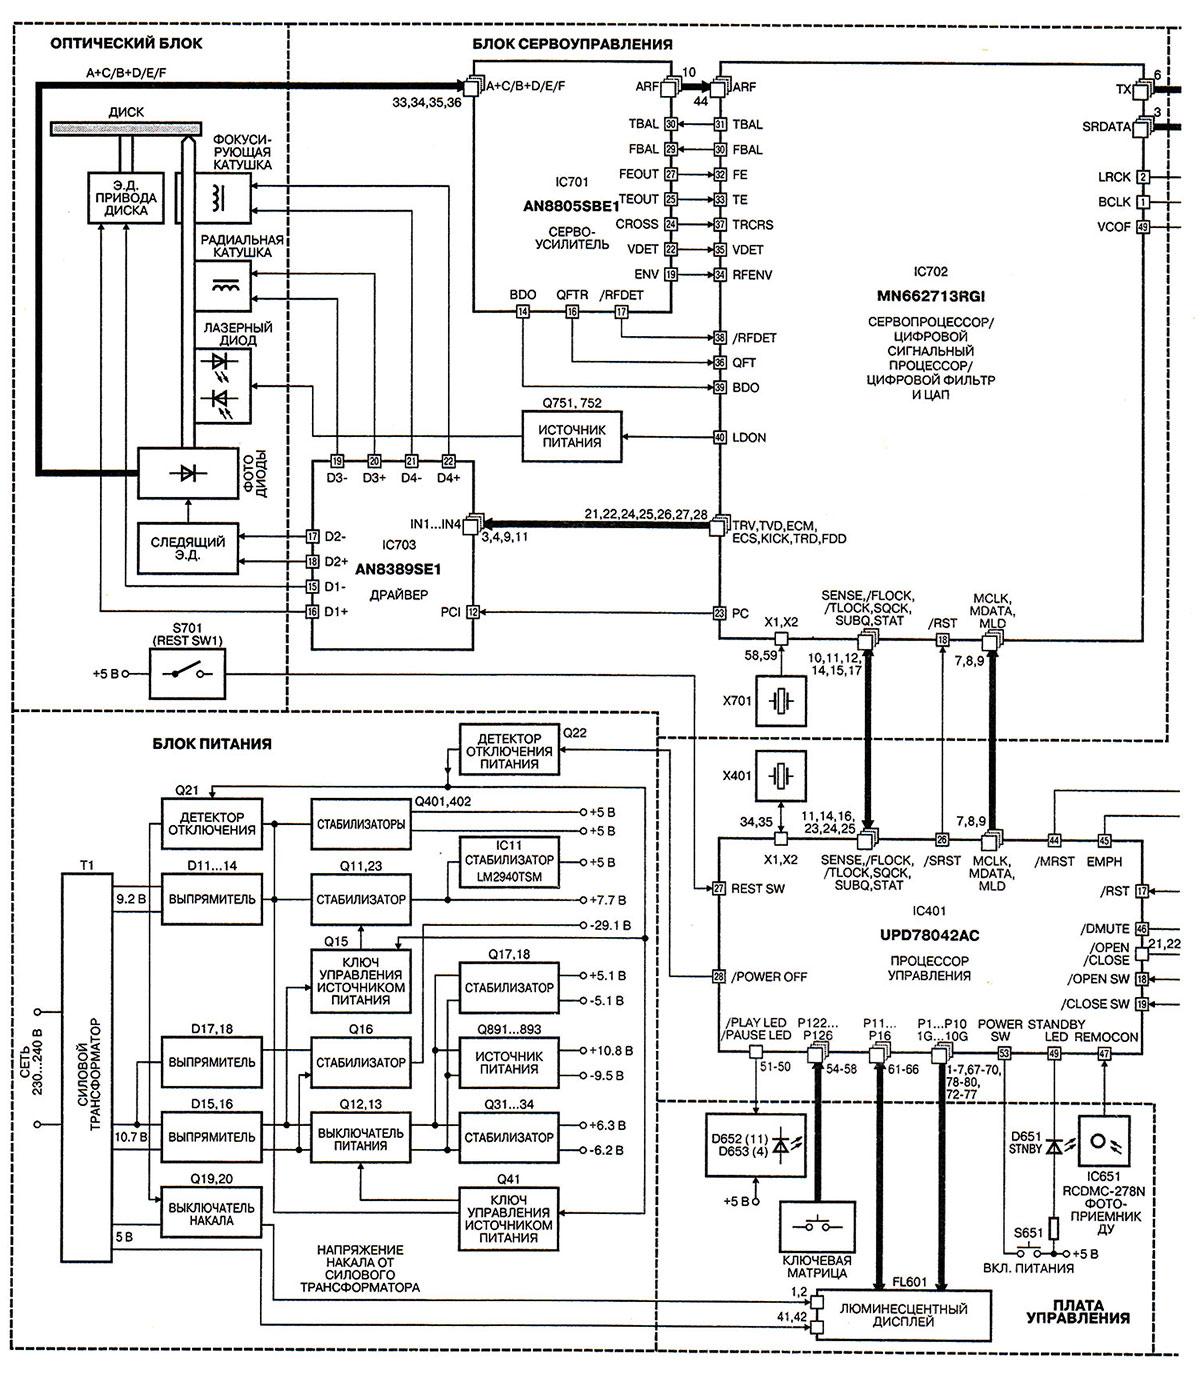 Структурная схема проигрывателя компакт-дисков Technics SL-PS770A с высоким разрешением